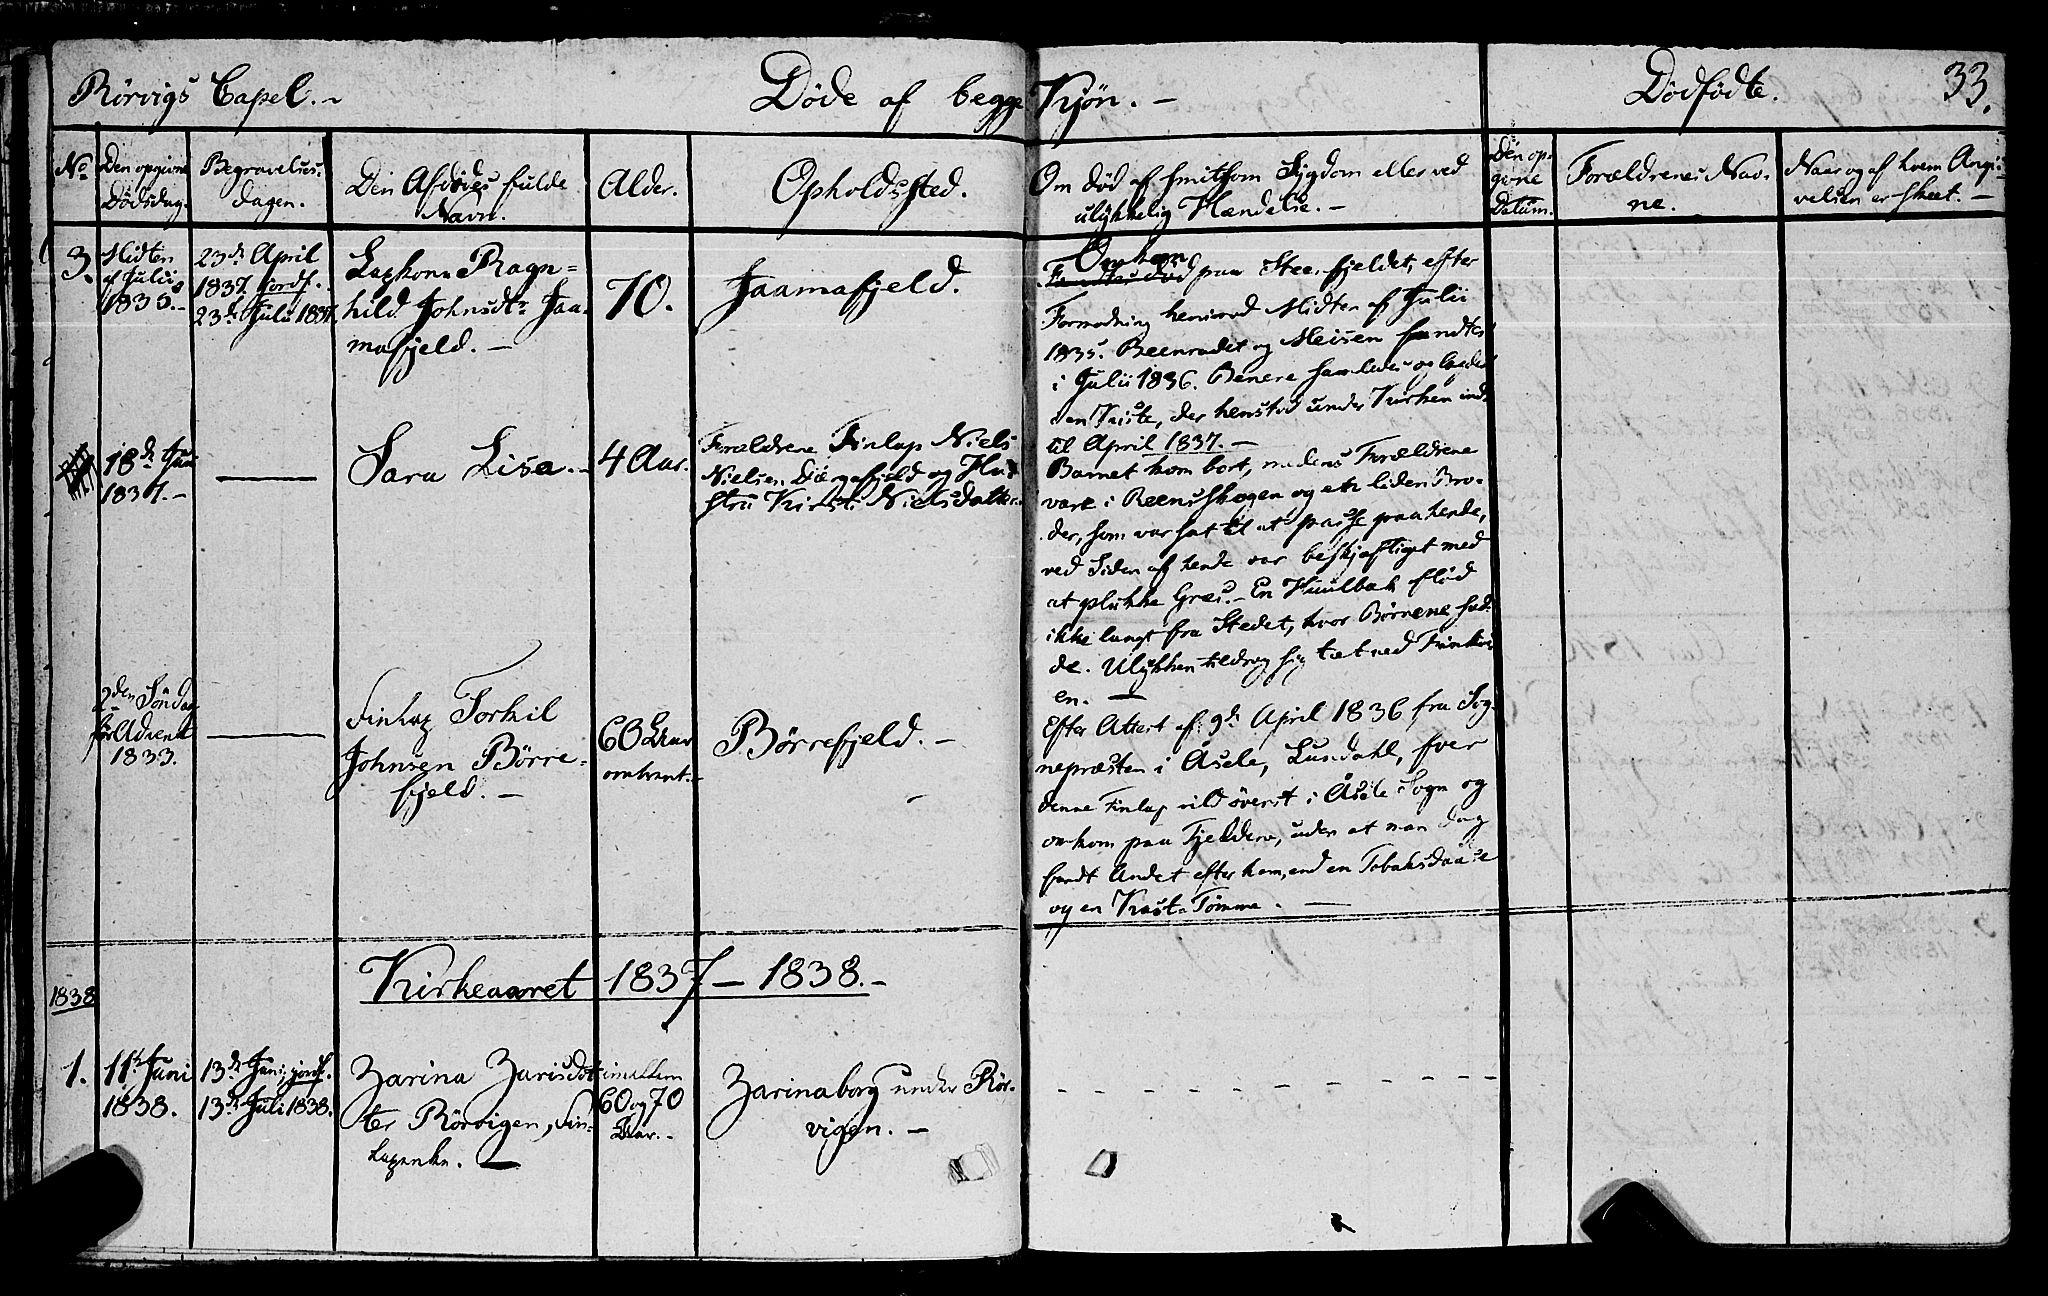 SAT, Ministerialprotokoller, klokkerbøker og fødselsregistre - Nord-Trøndelag, 762/L0538: Ministerialbok nr. 762A02 /1, 1833-1879, s. 33